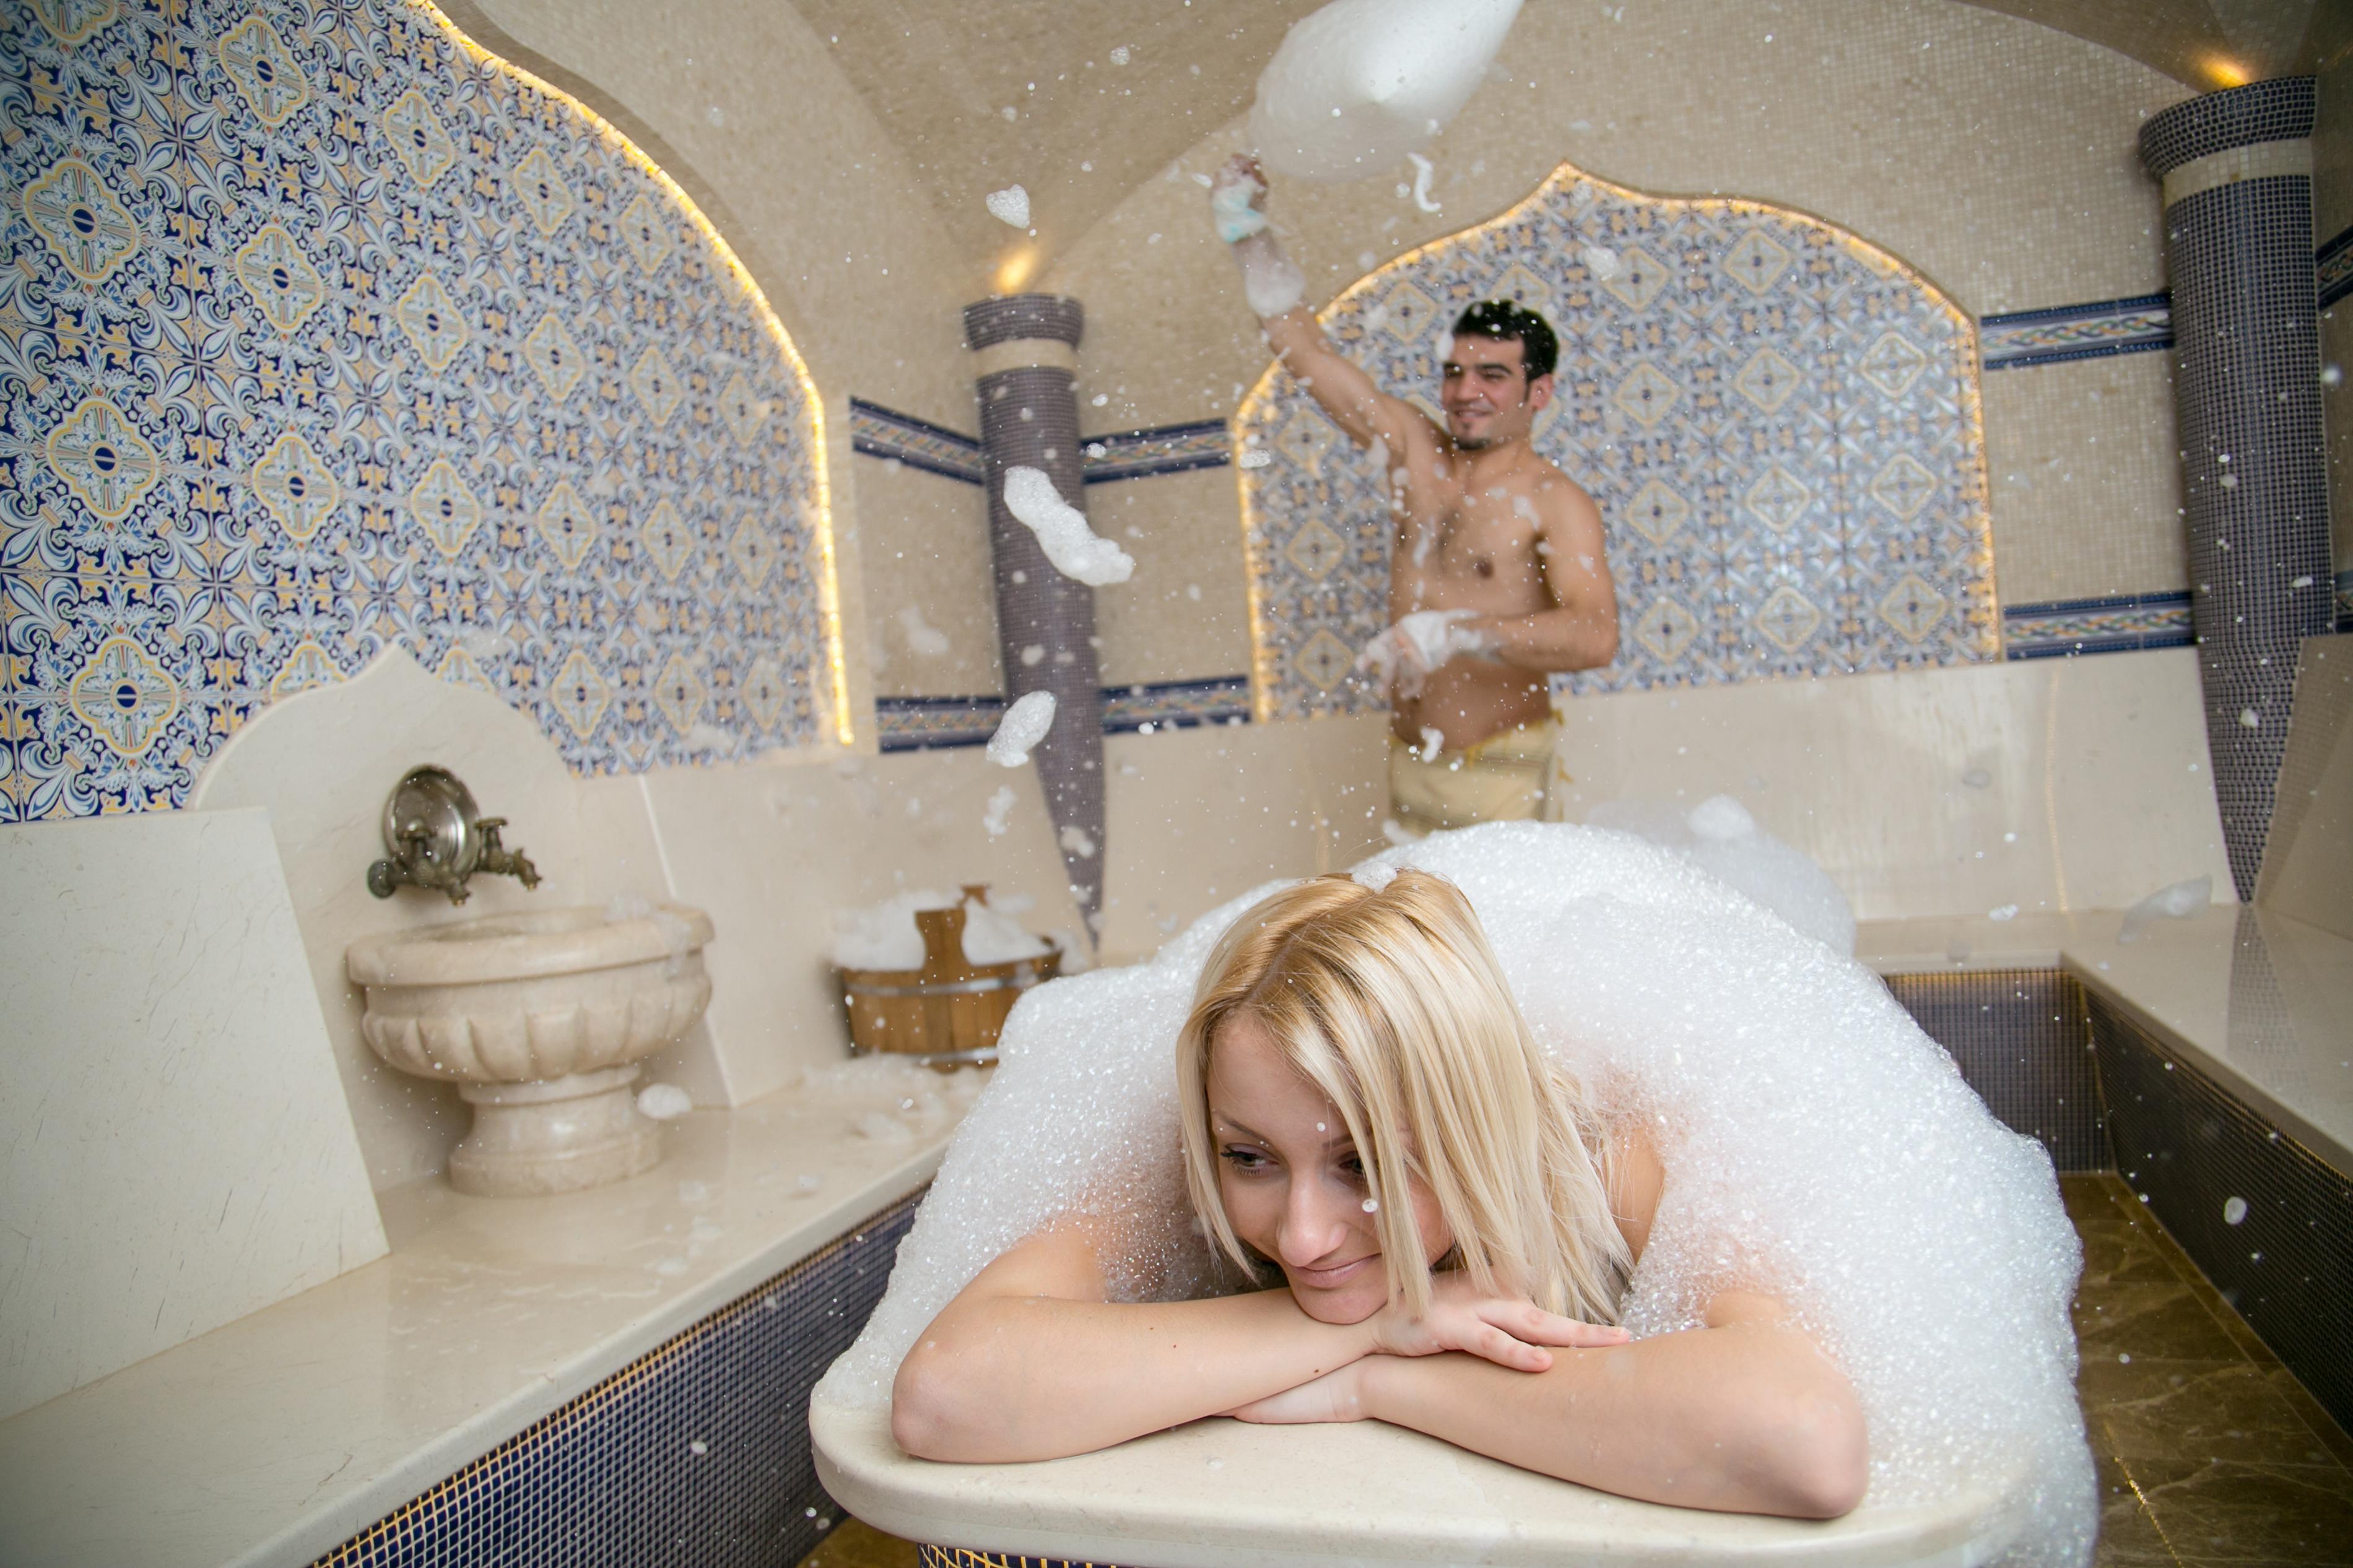 Сауна или турецкая баня для похудения